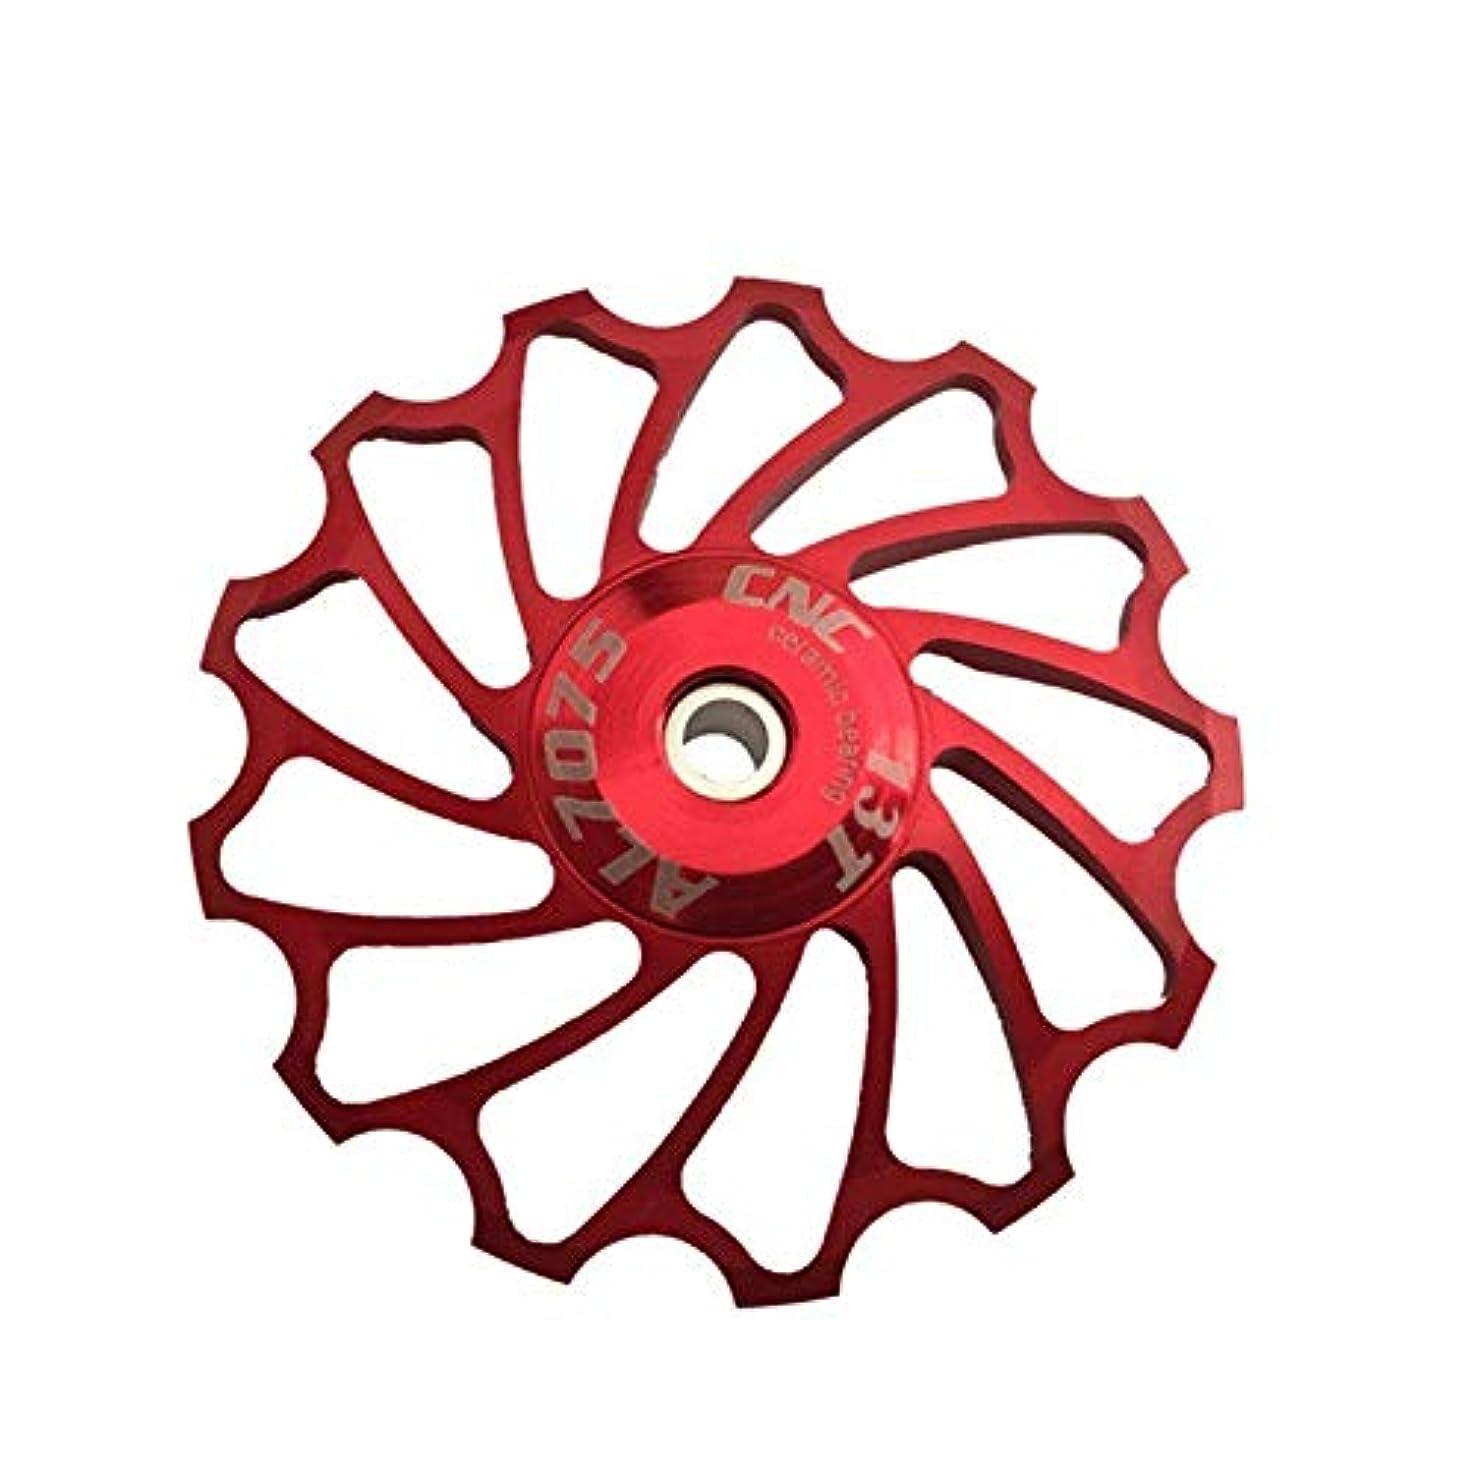 高揚した契約したギャロップPropenary - Cycling bike ceramics Jockey Wheel Rear Derailleur Pulley 13T 7075 Aluminum alloy bicycle guide pulley...